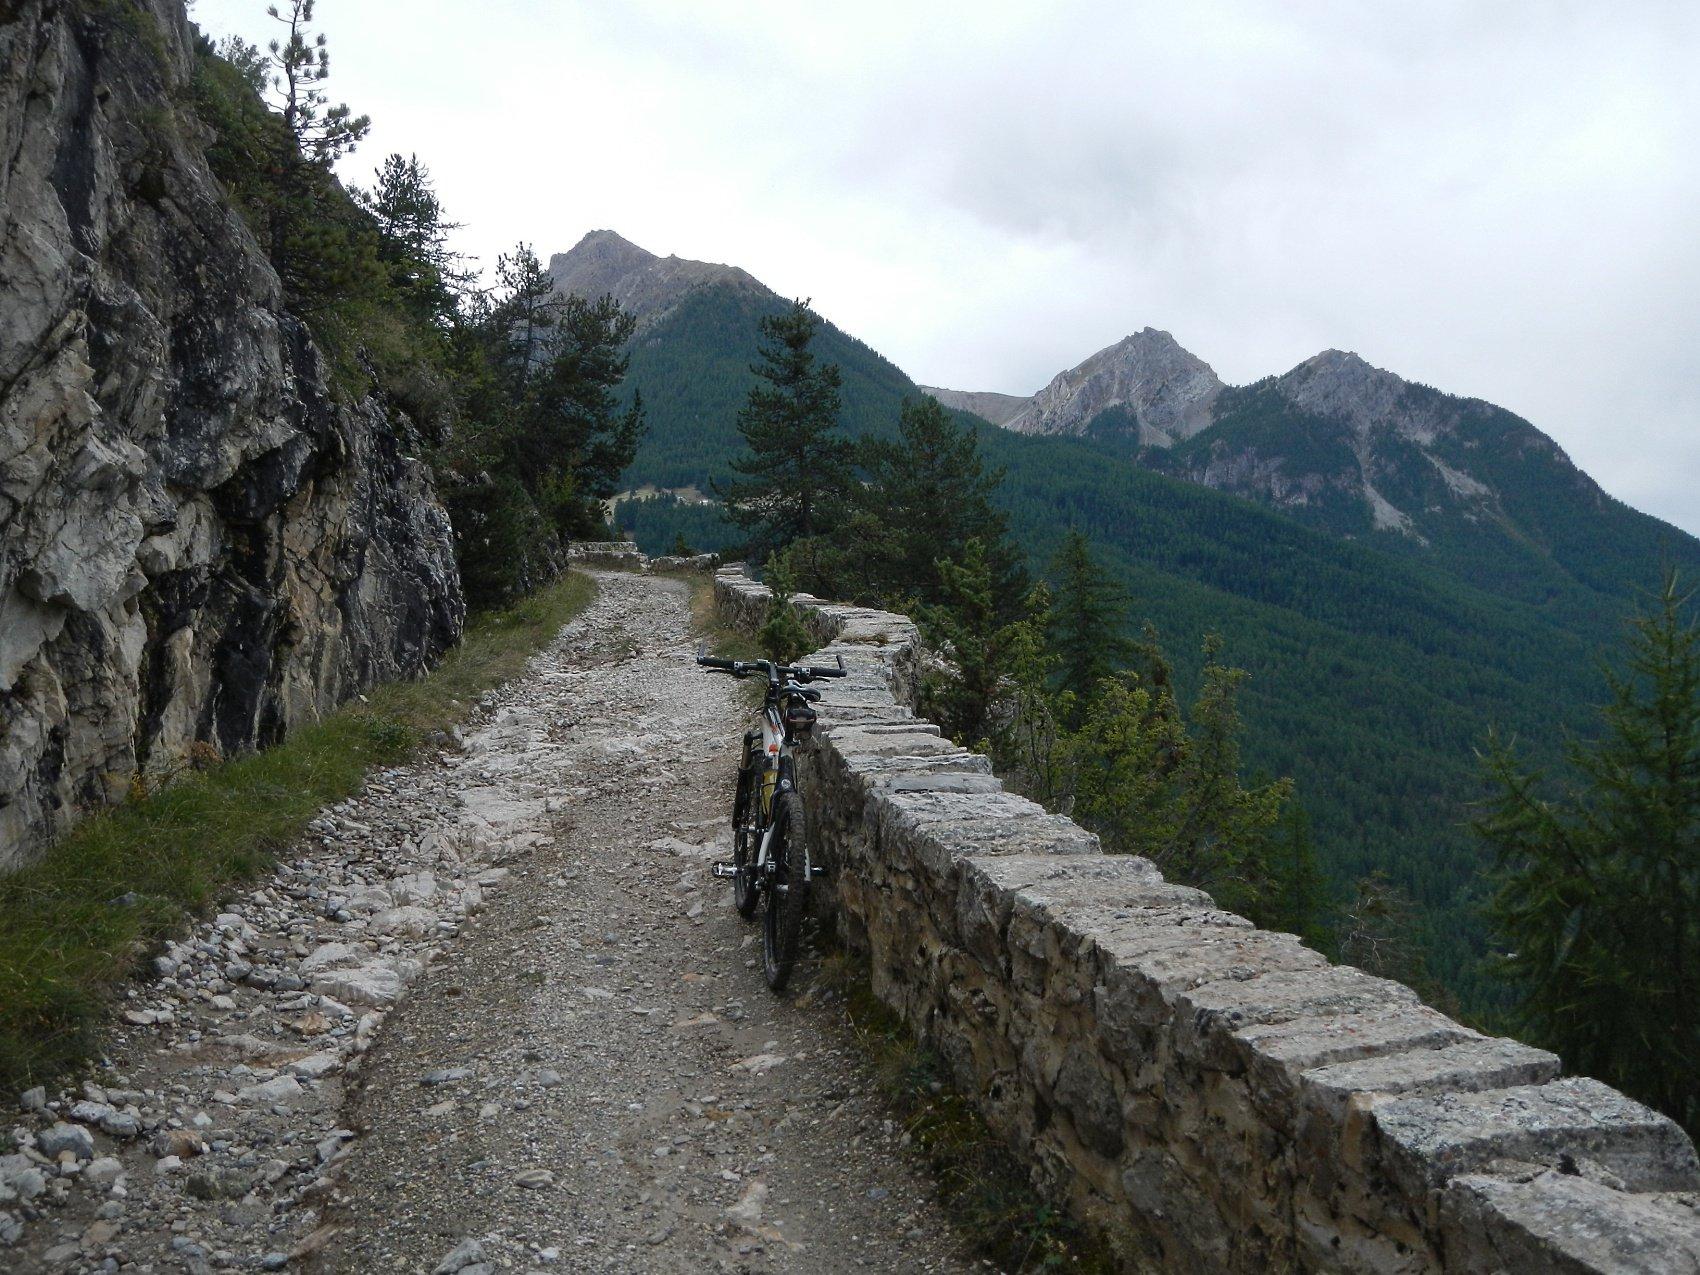 tratto di salita con una serie di tornanti scavati nel versante roccioso